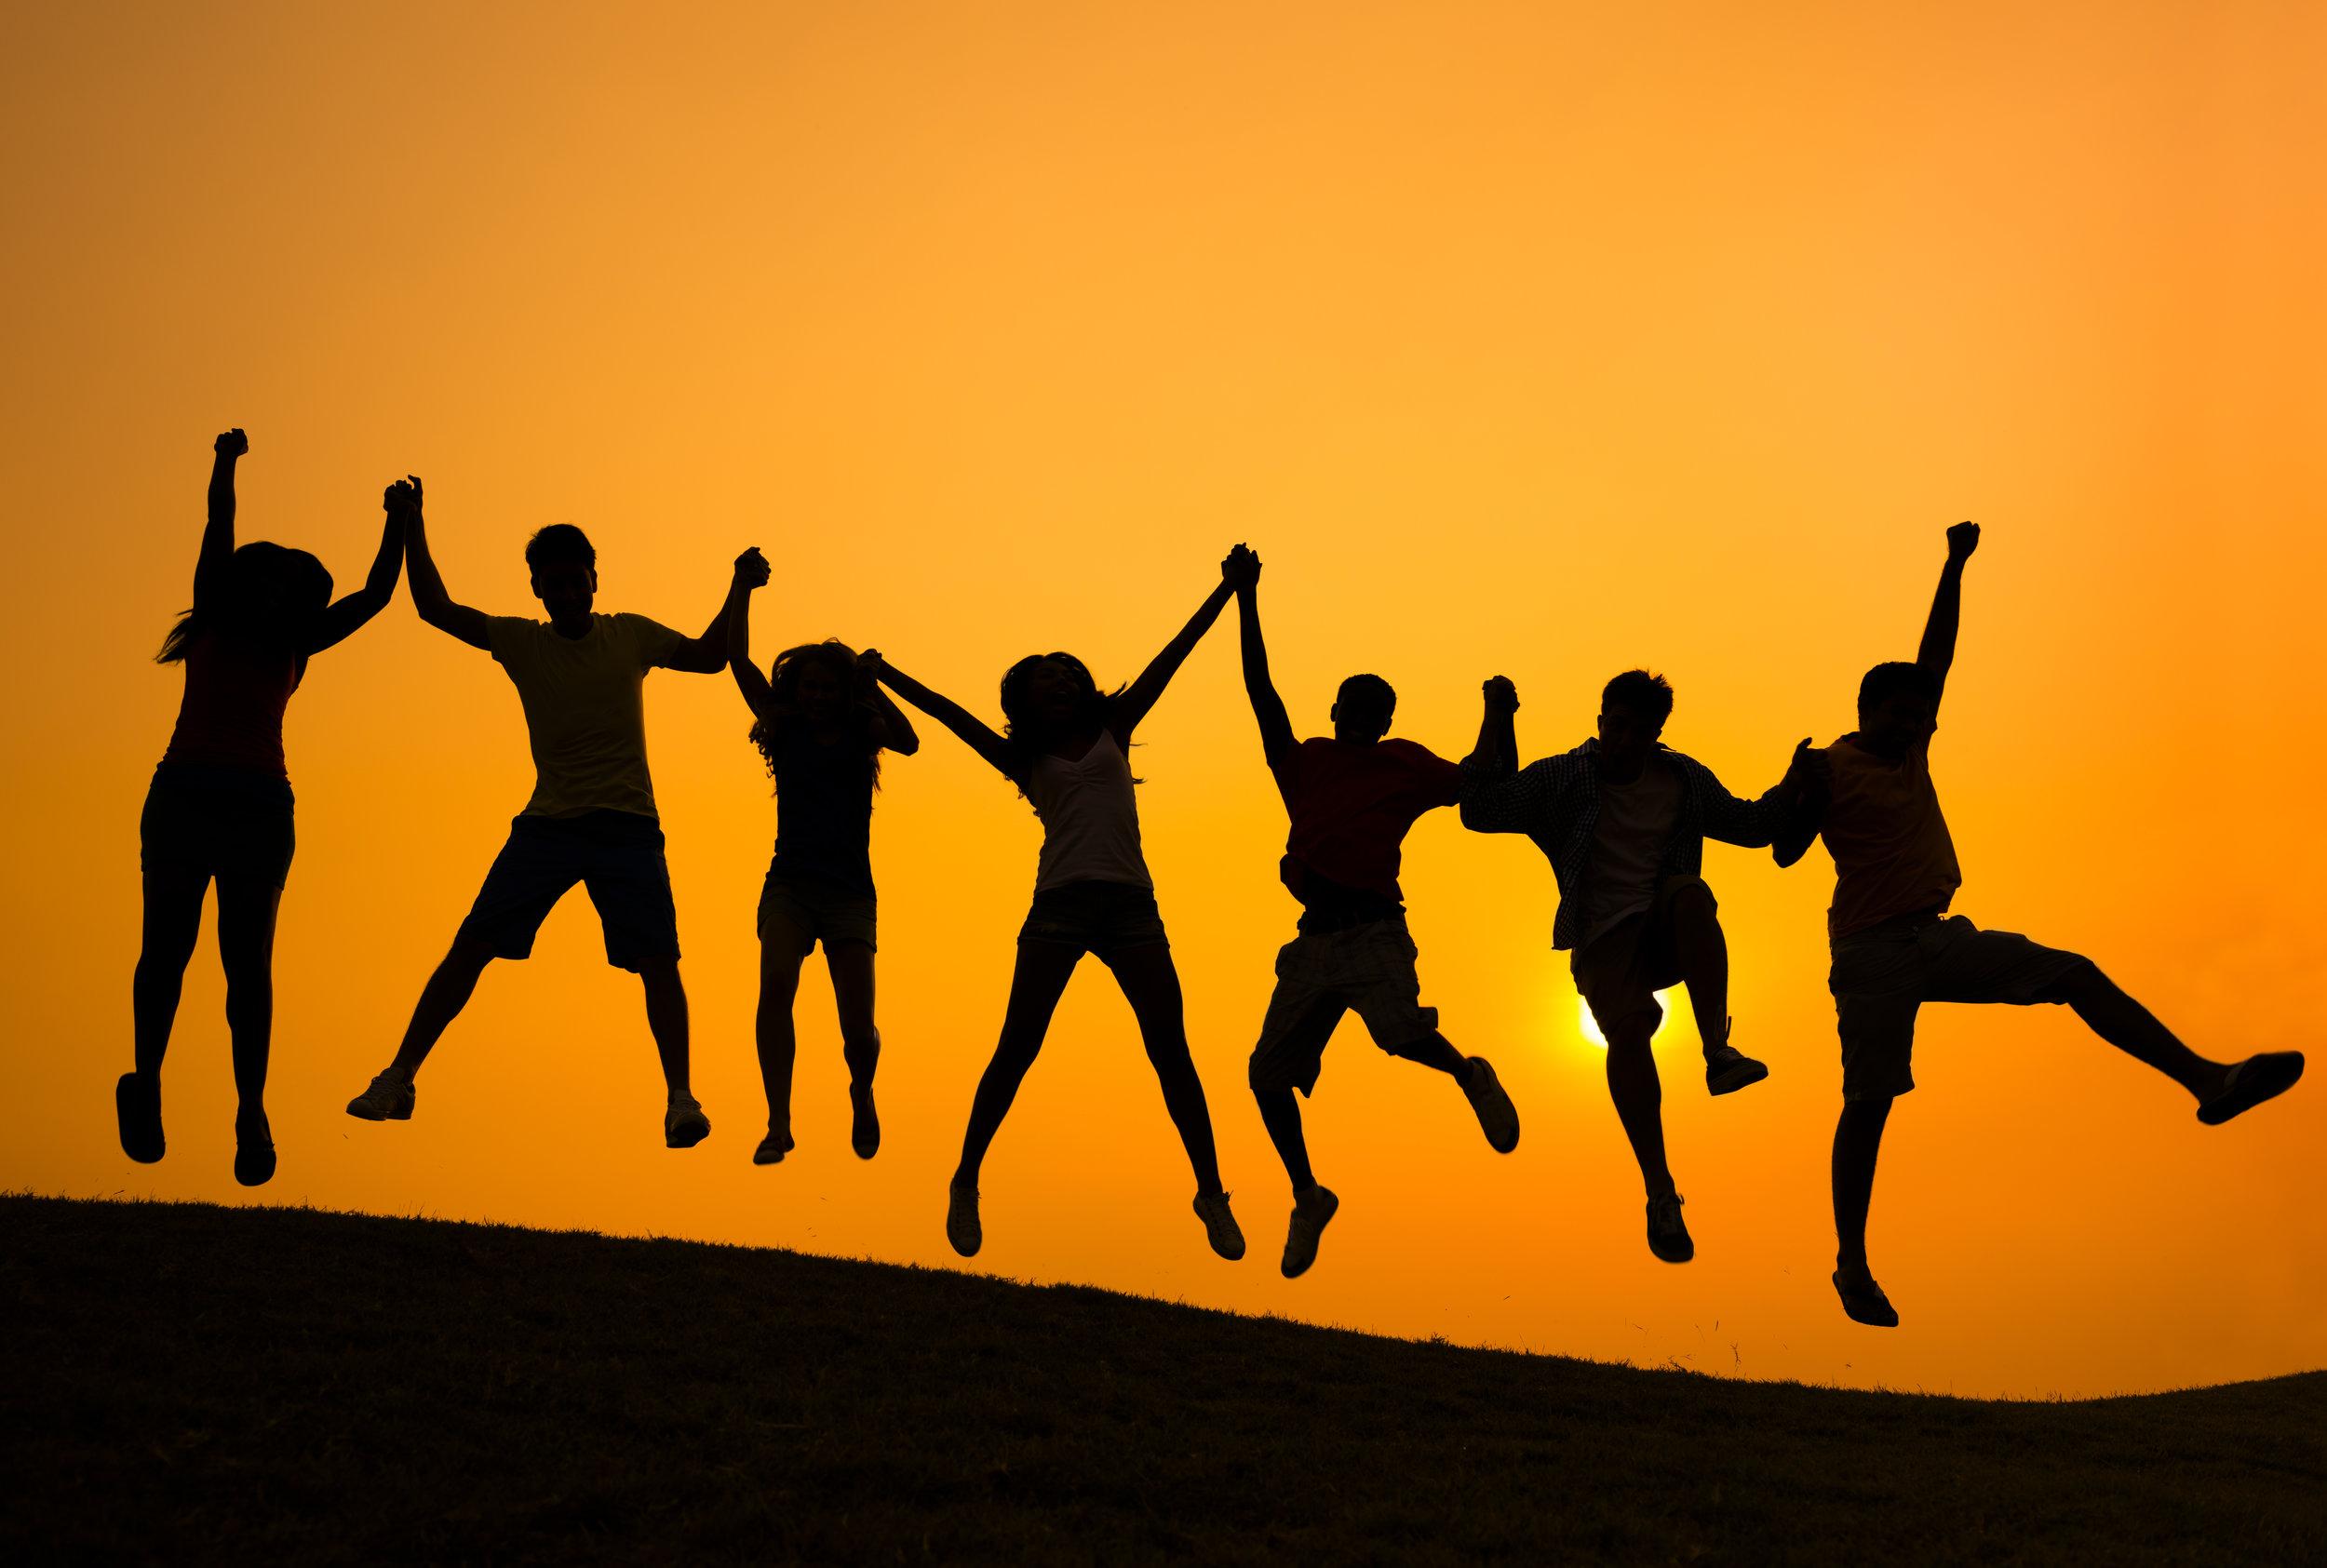 Team enjoying a sunset, come meet the team